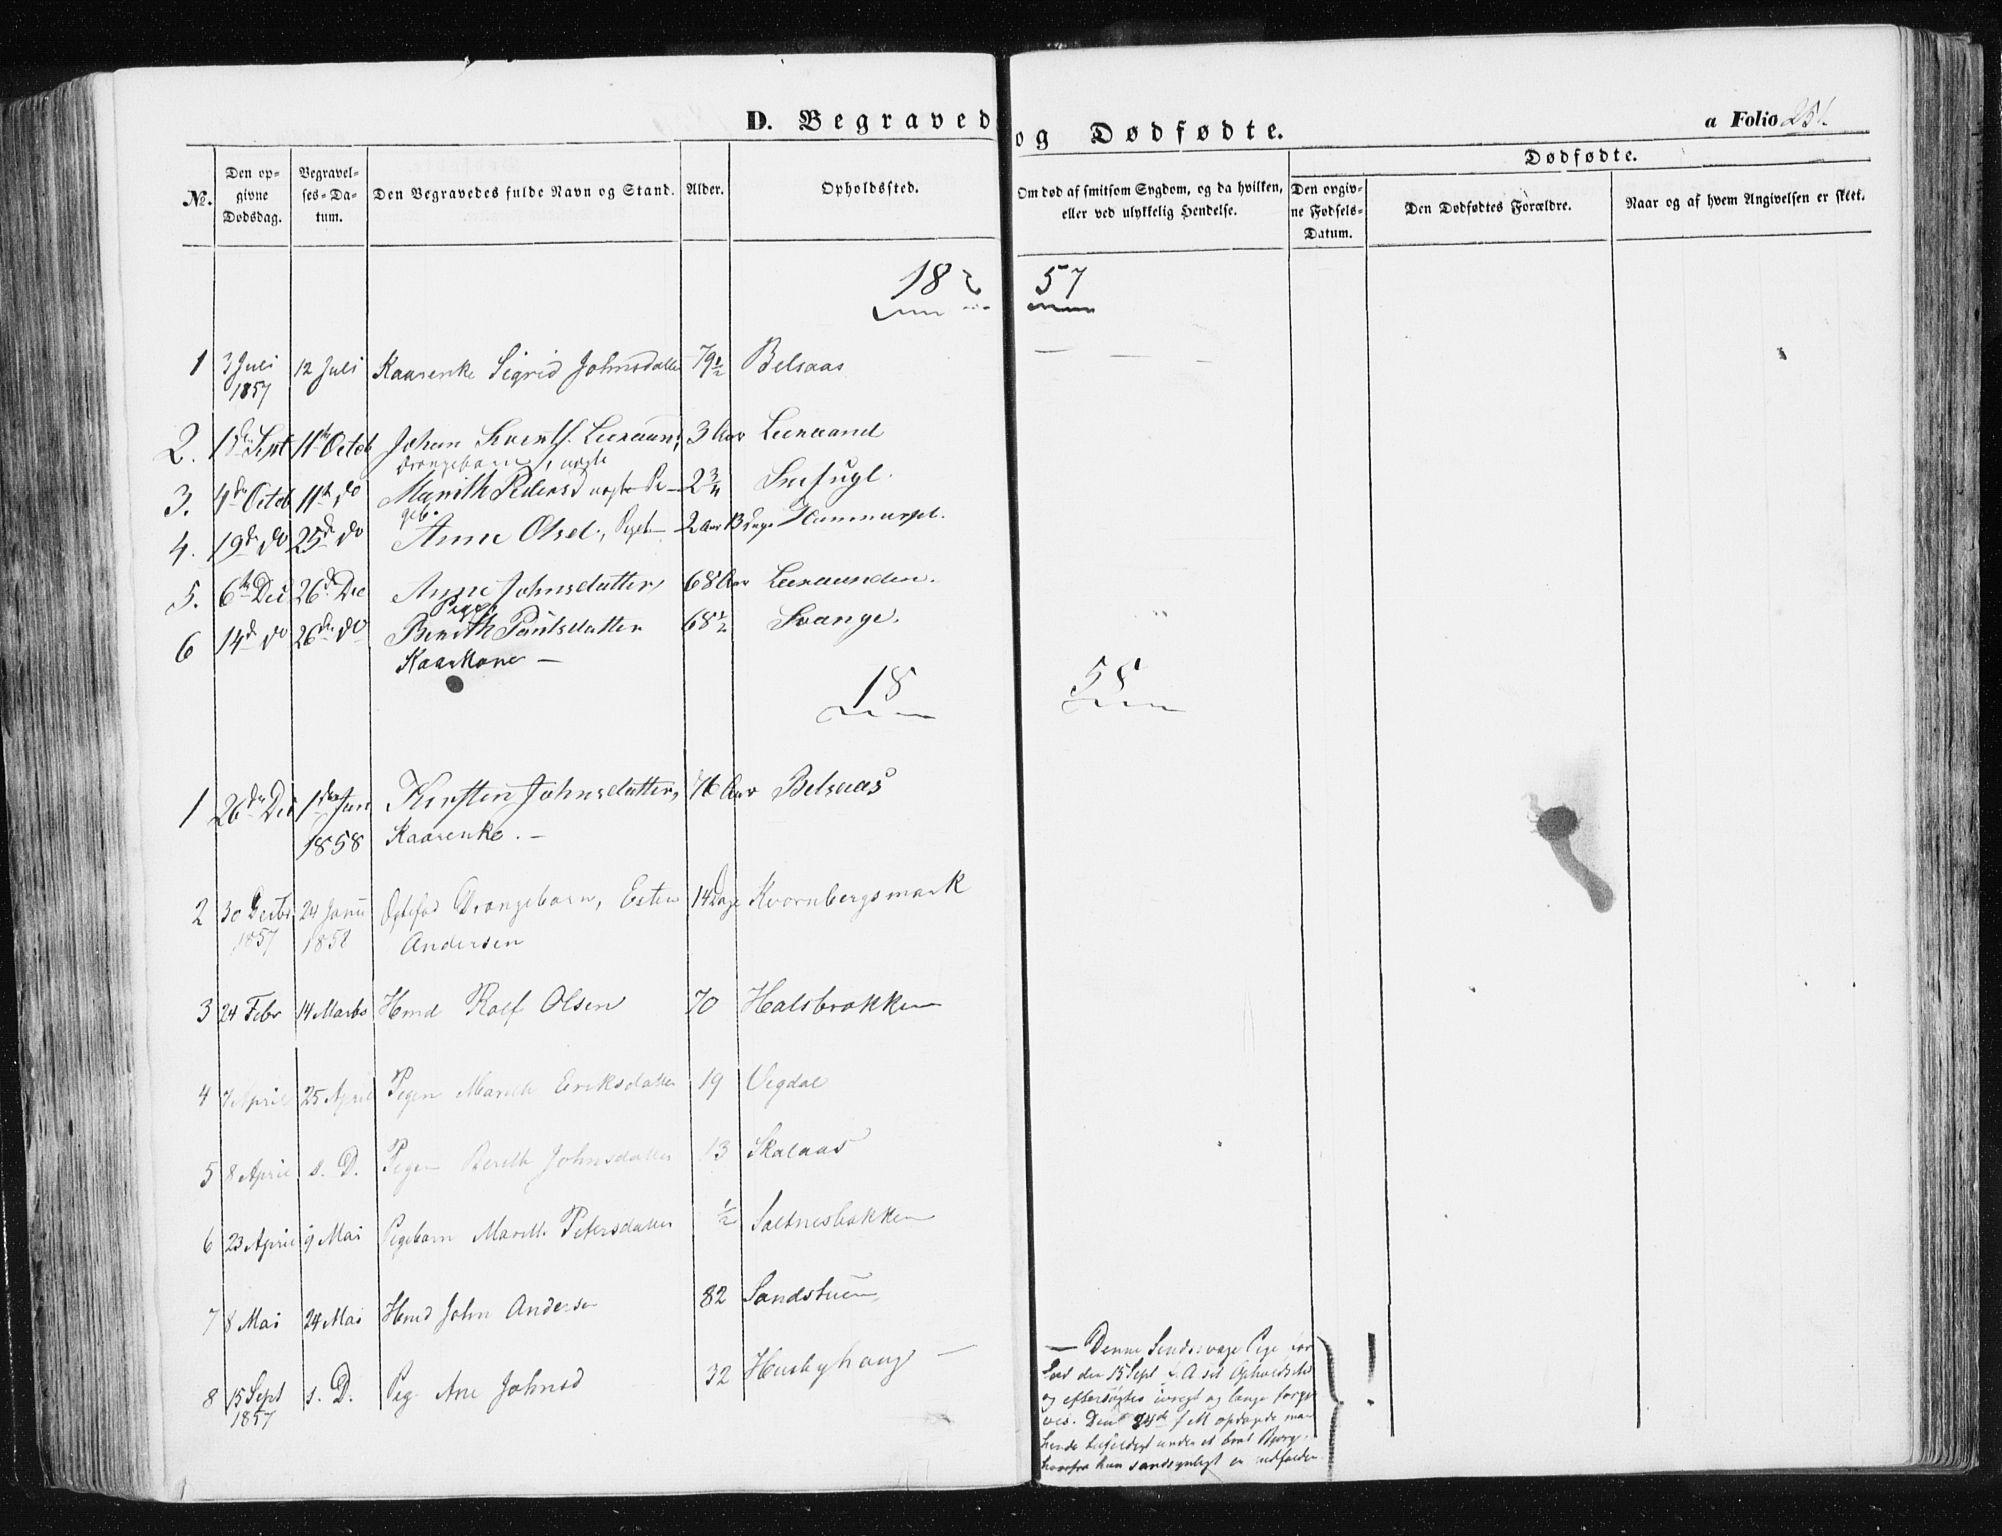 SAT, Ministerialprotokoller, klokkerbøker og fødselsregistre - Sør-Trøndelag, 612/L0376: Ministerialbok nr. 612A08, 1846-1859, s. 251